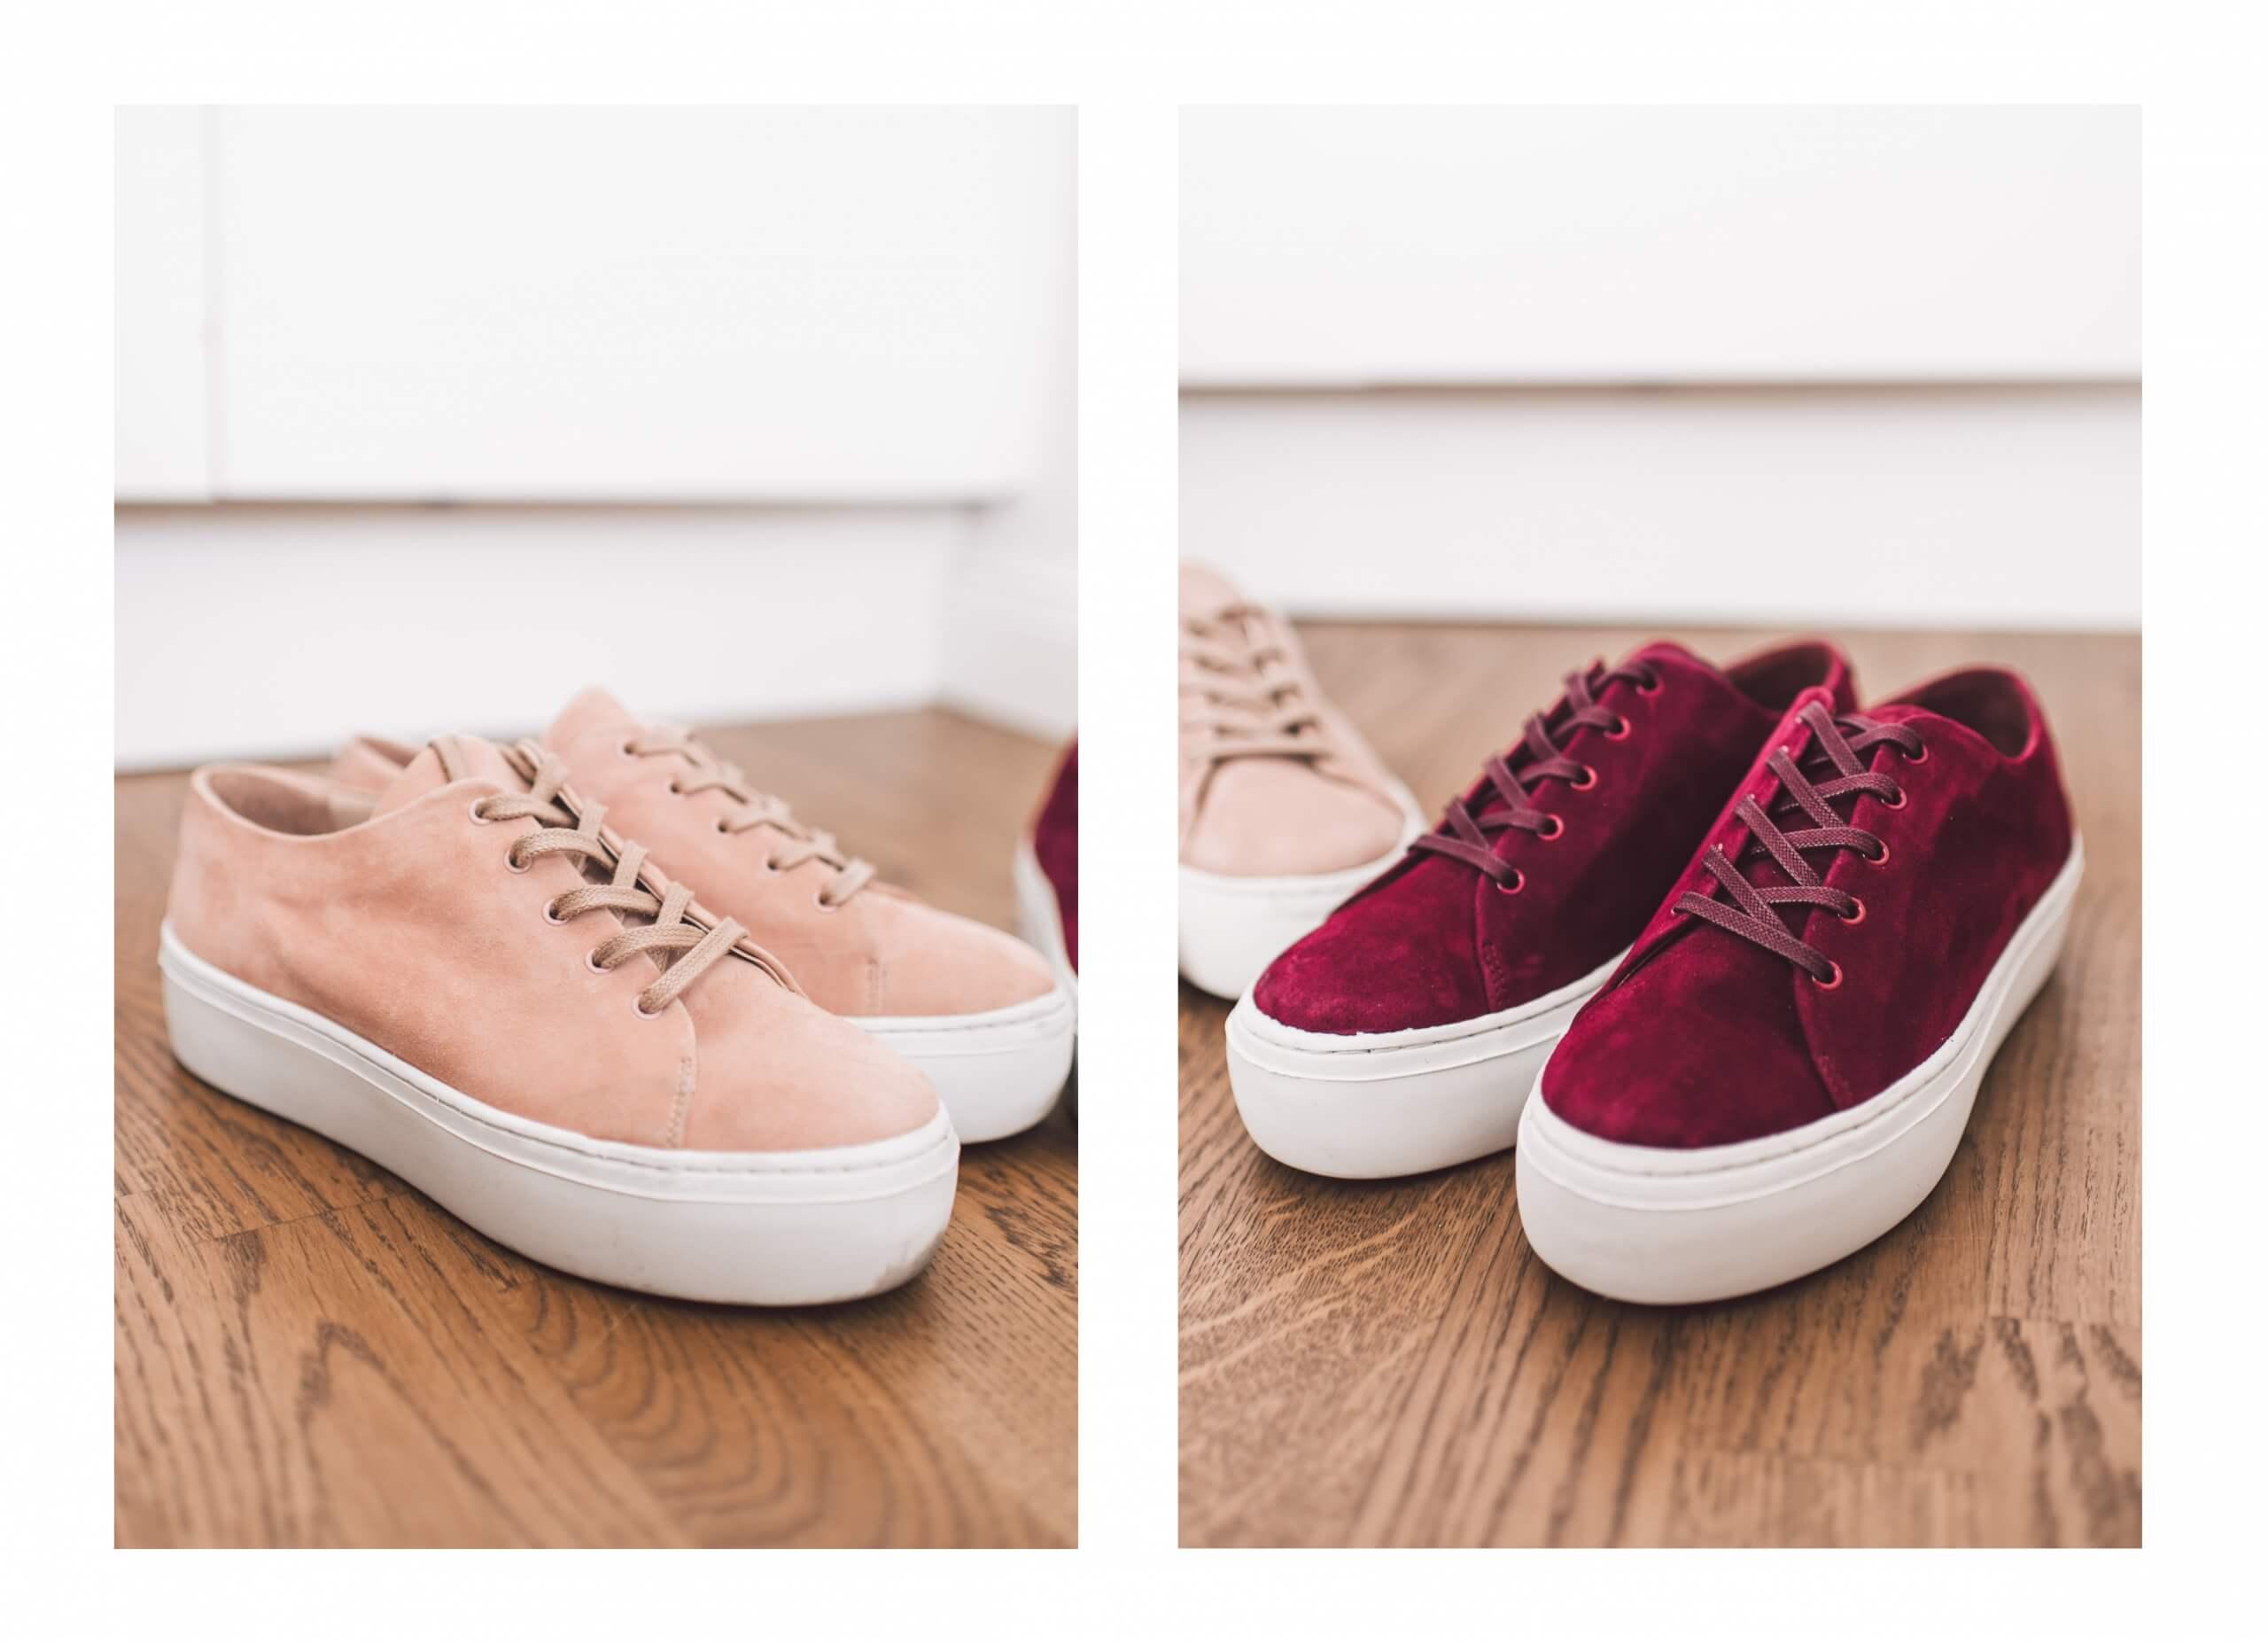 janni-deler-sneaker-loveDSC_7099 copy